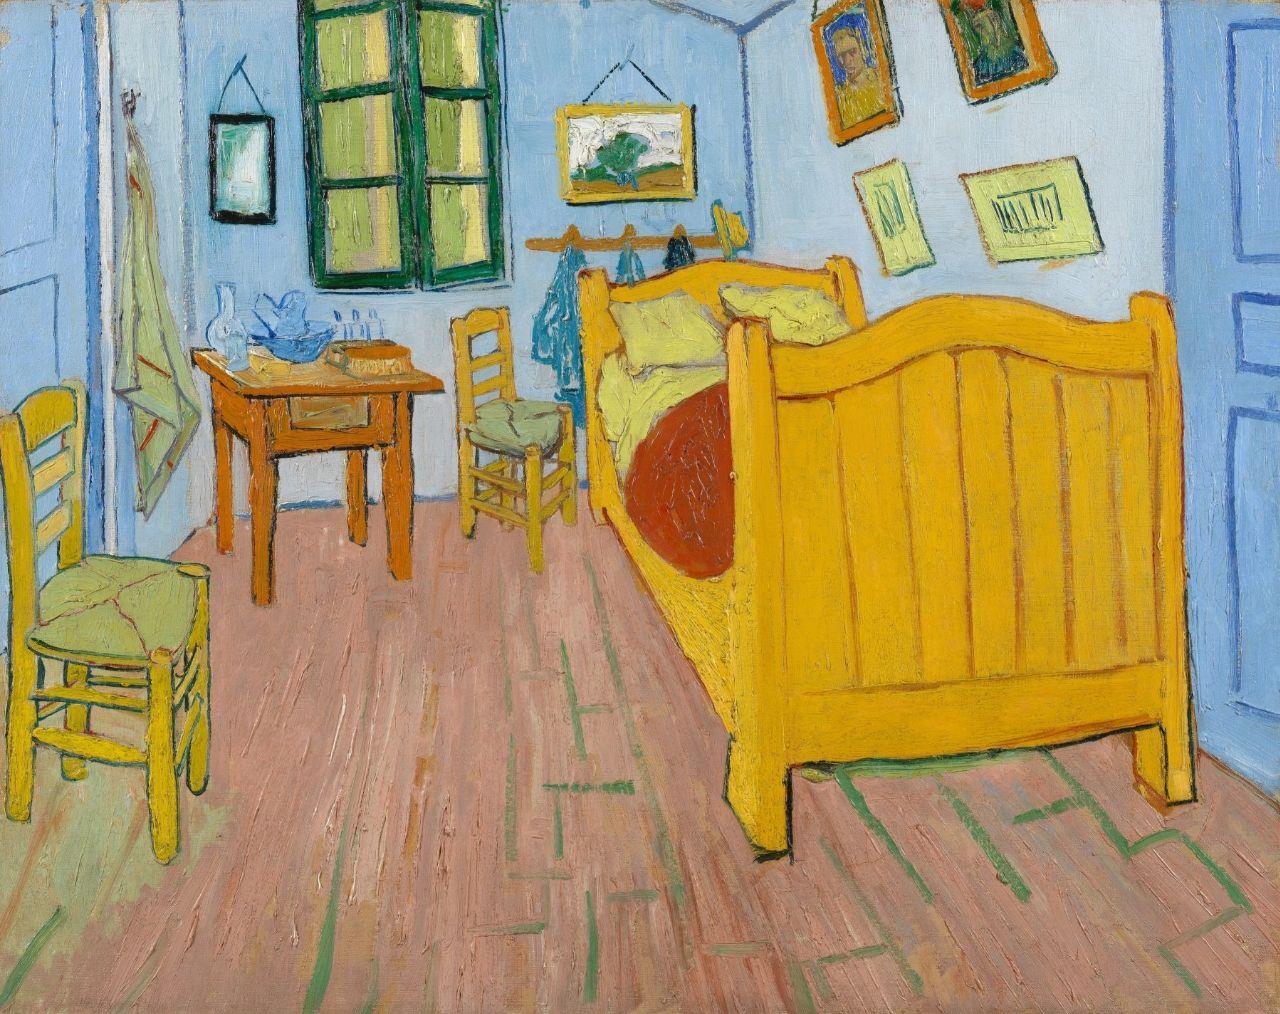 The Bedroom - Vincent van Gogh - Van Gogh Museum